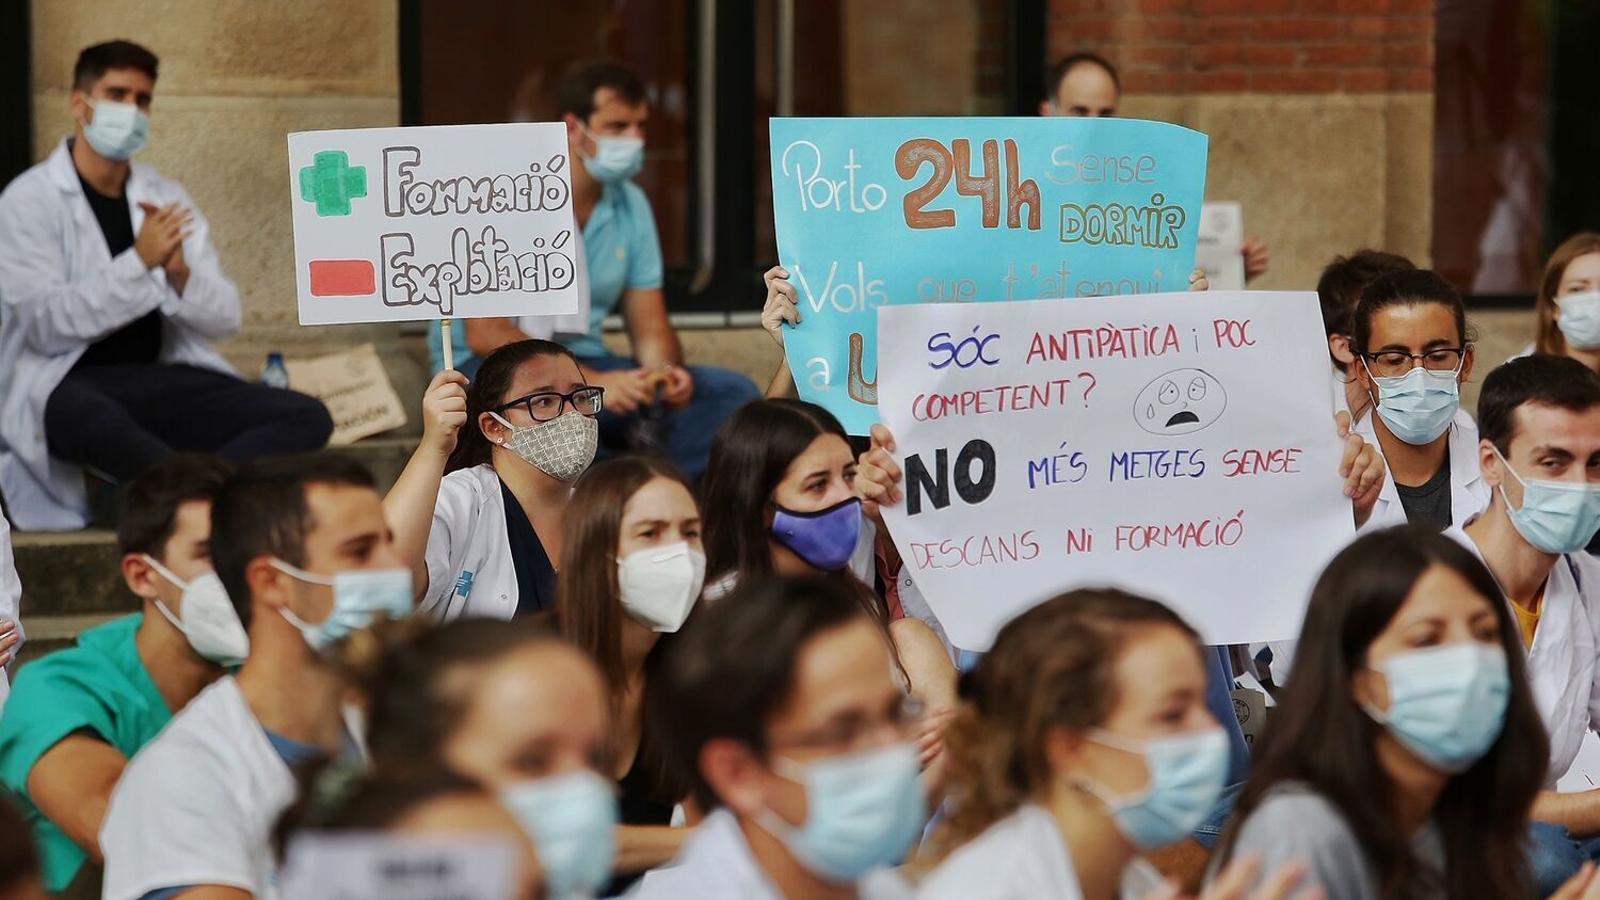 Els metges interns residents (MIR) protestant a les portes del departament de Salut per millorar les seves condicions laborals i formatives.